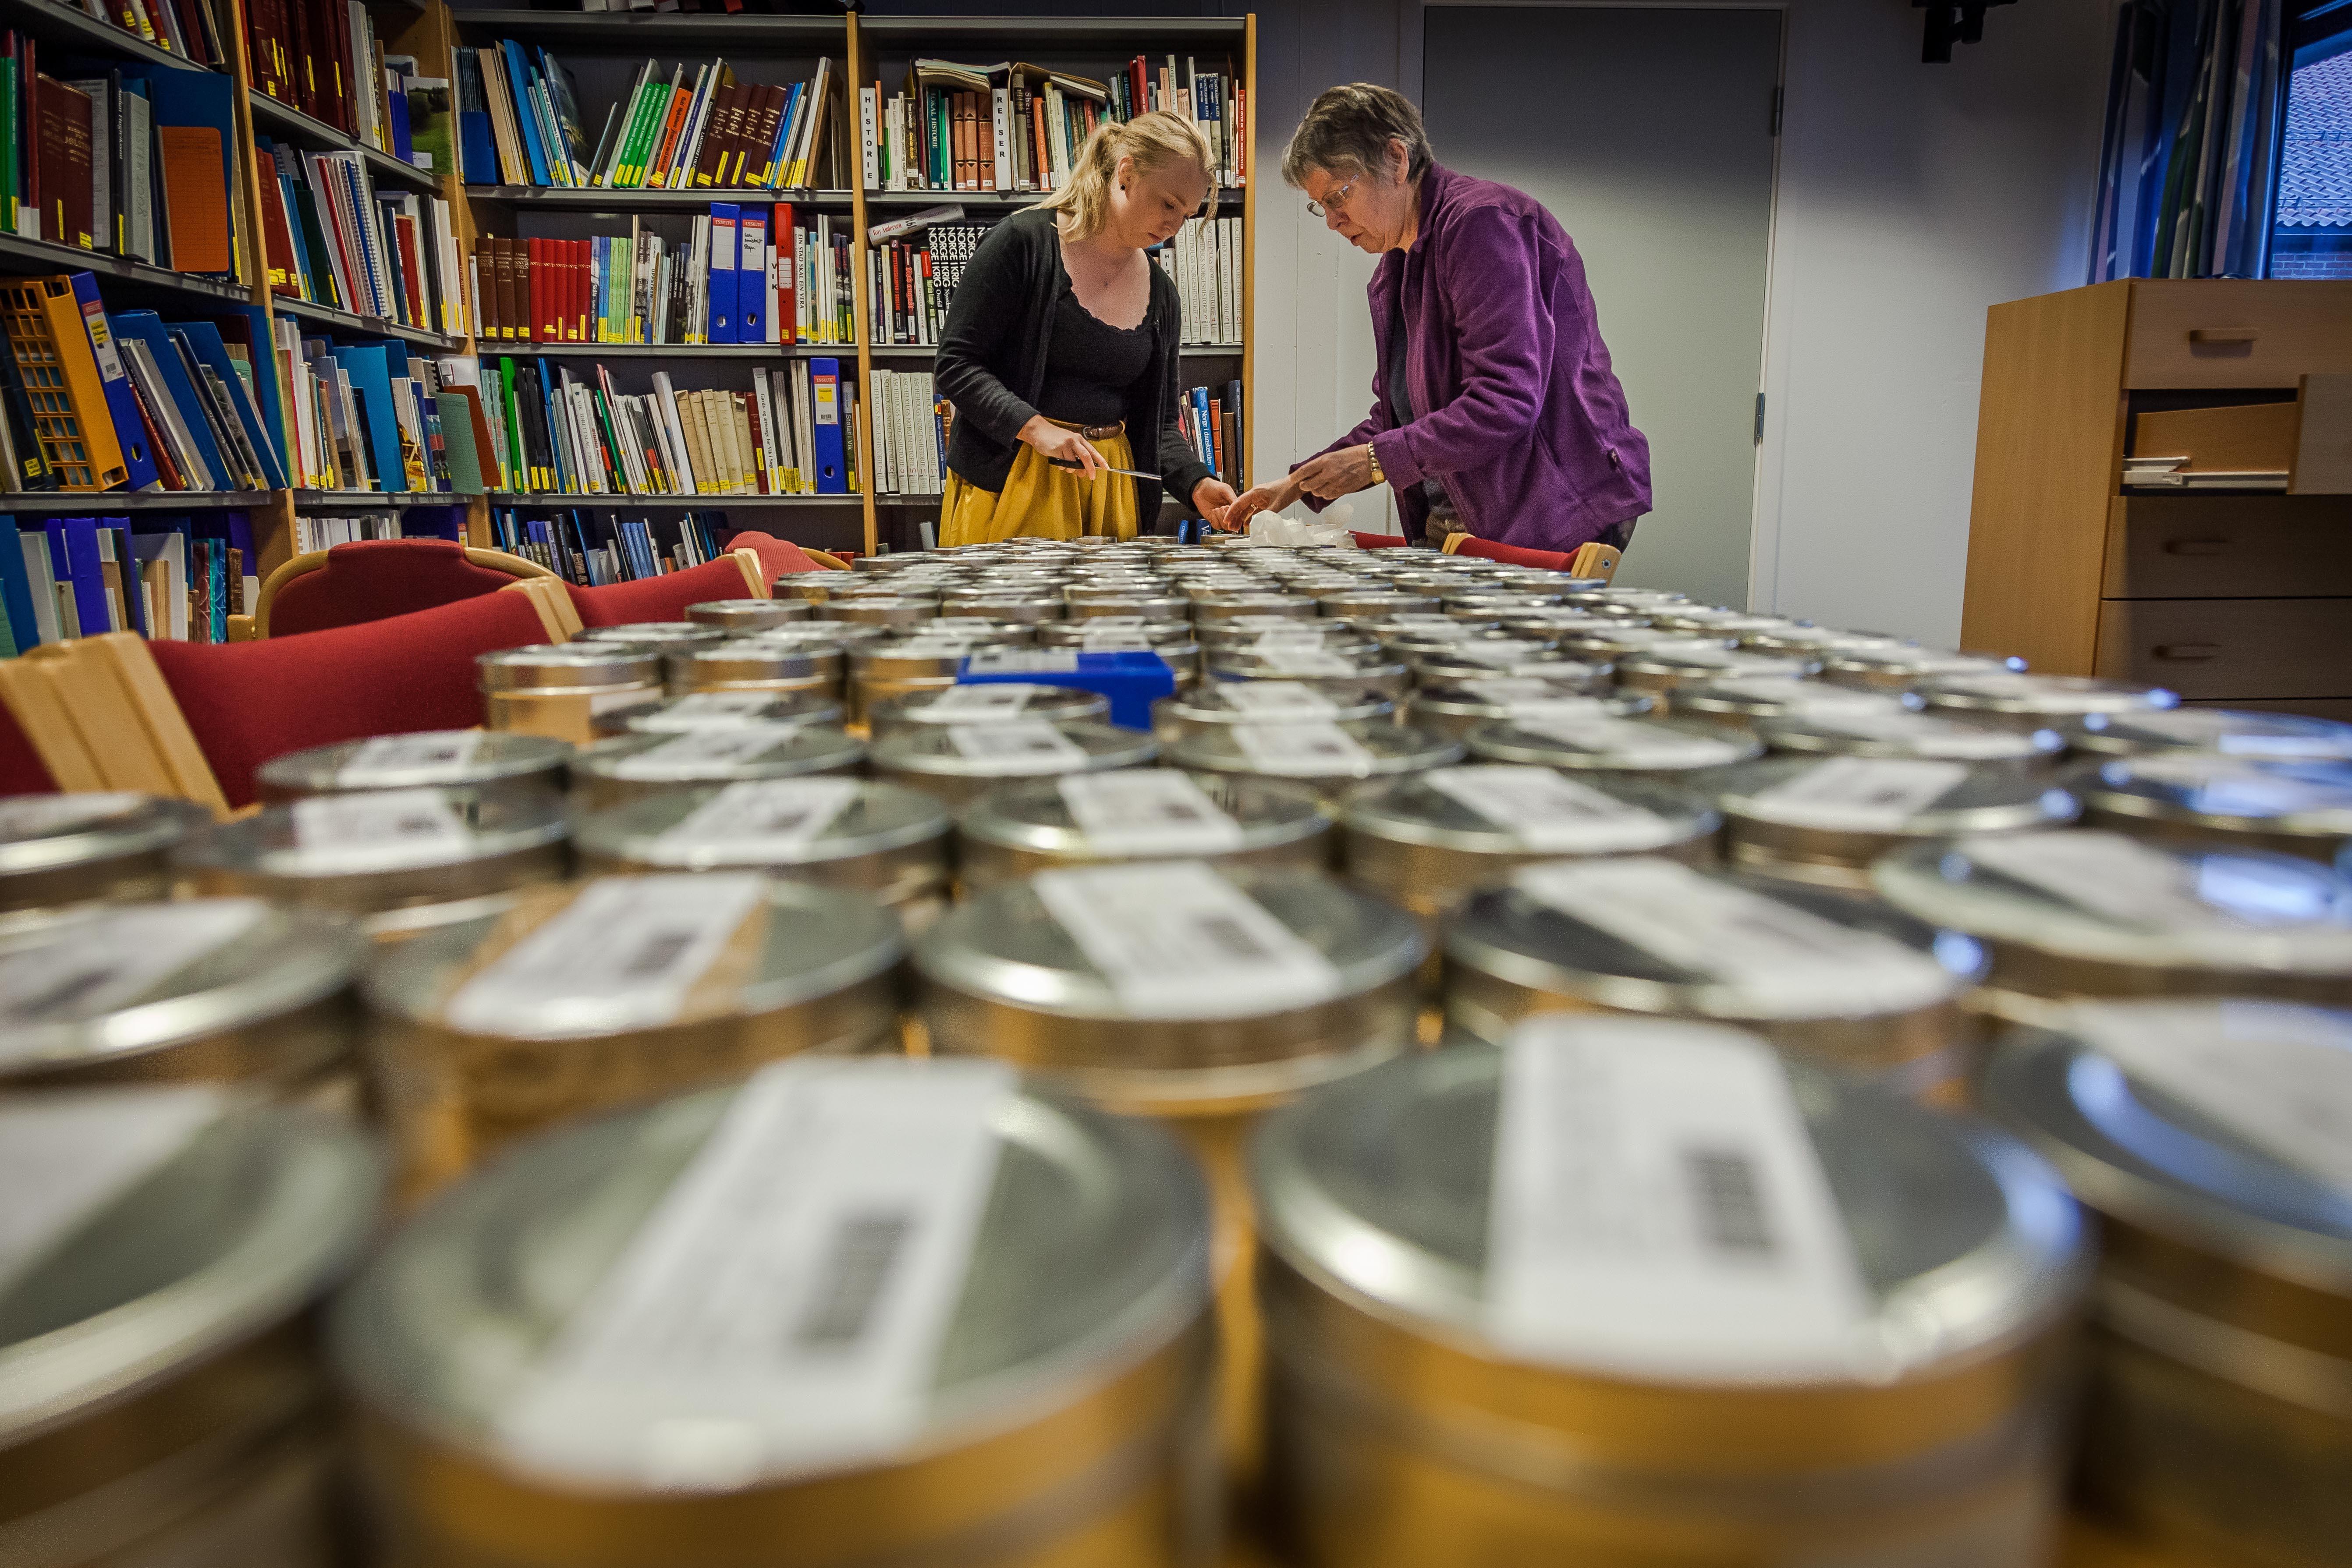 Runde blikkboksar med mikrofilm står ut over eit bord. To kvinner arbeider i bakgrunnen.